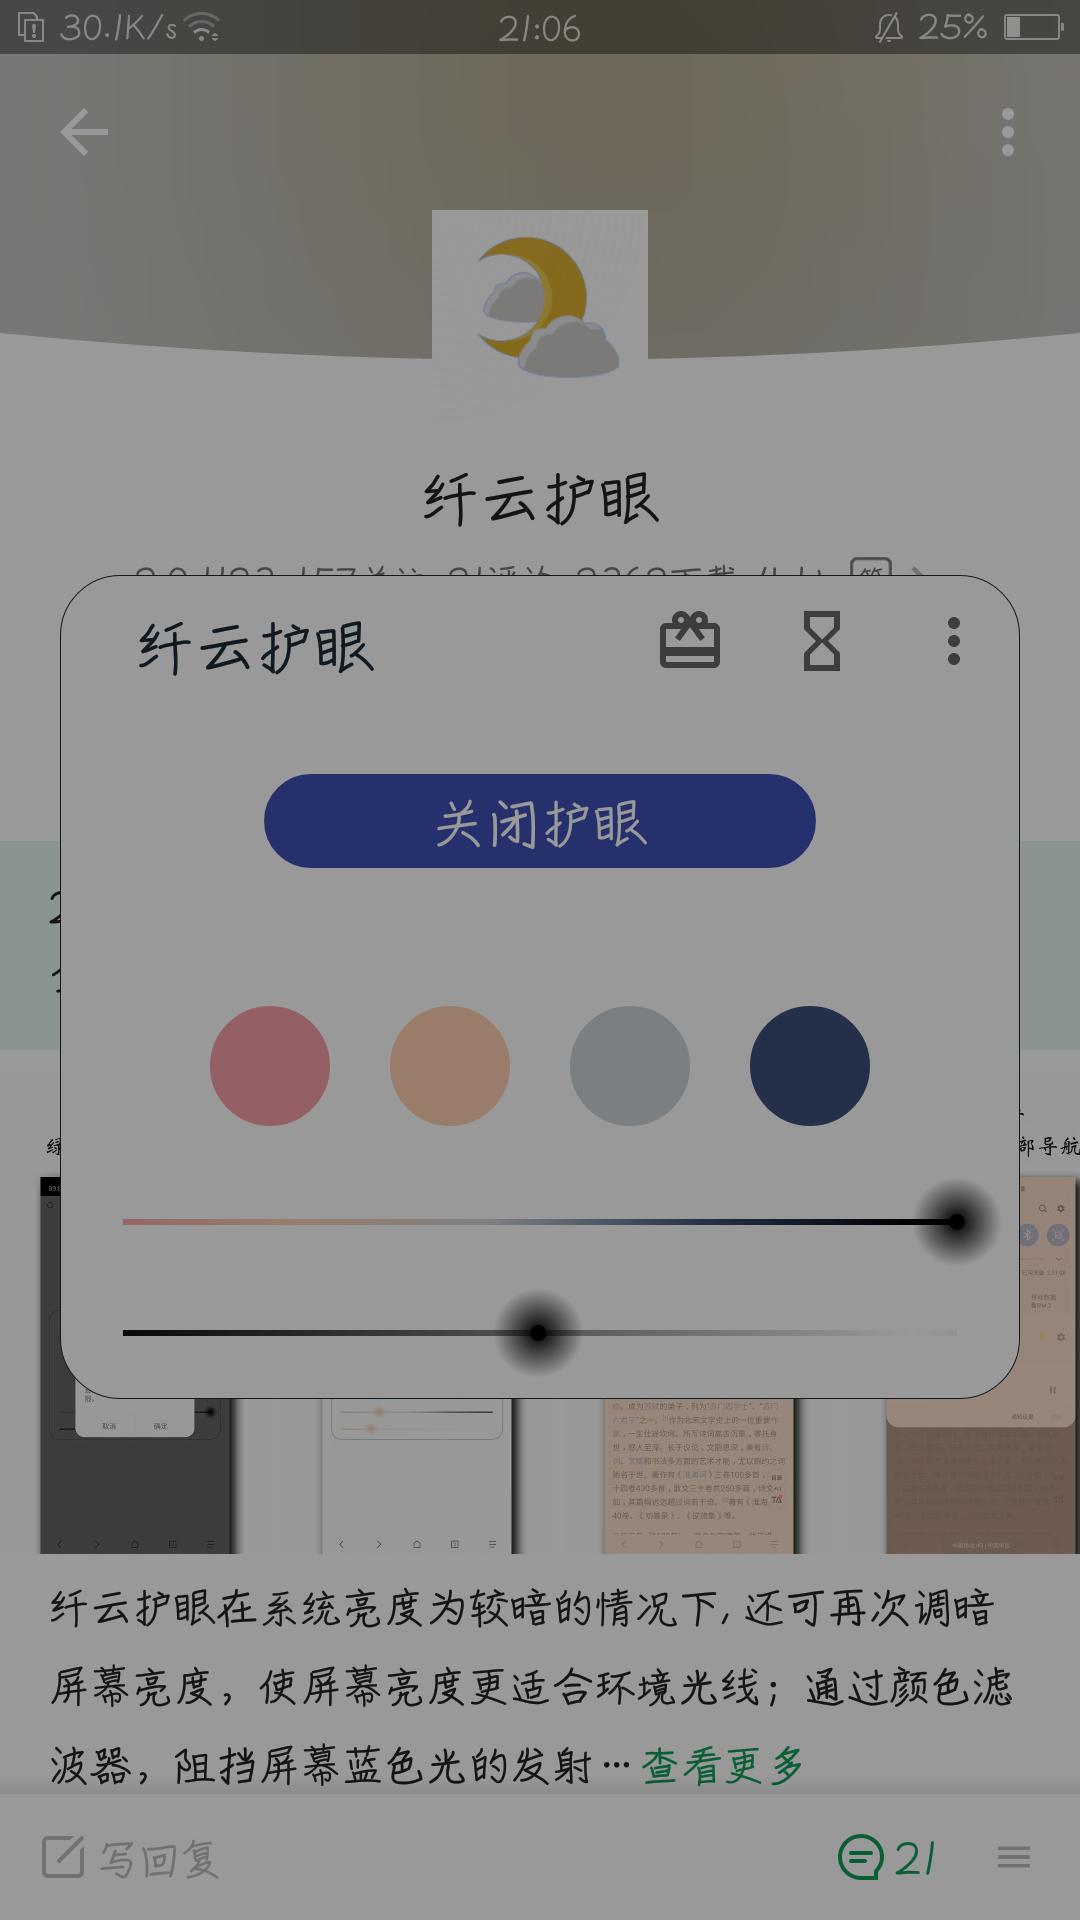 【分享】纤云护眼 2.0.1123